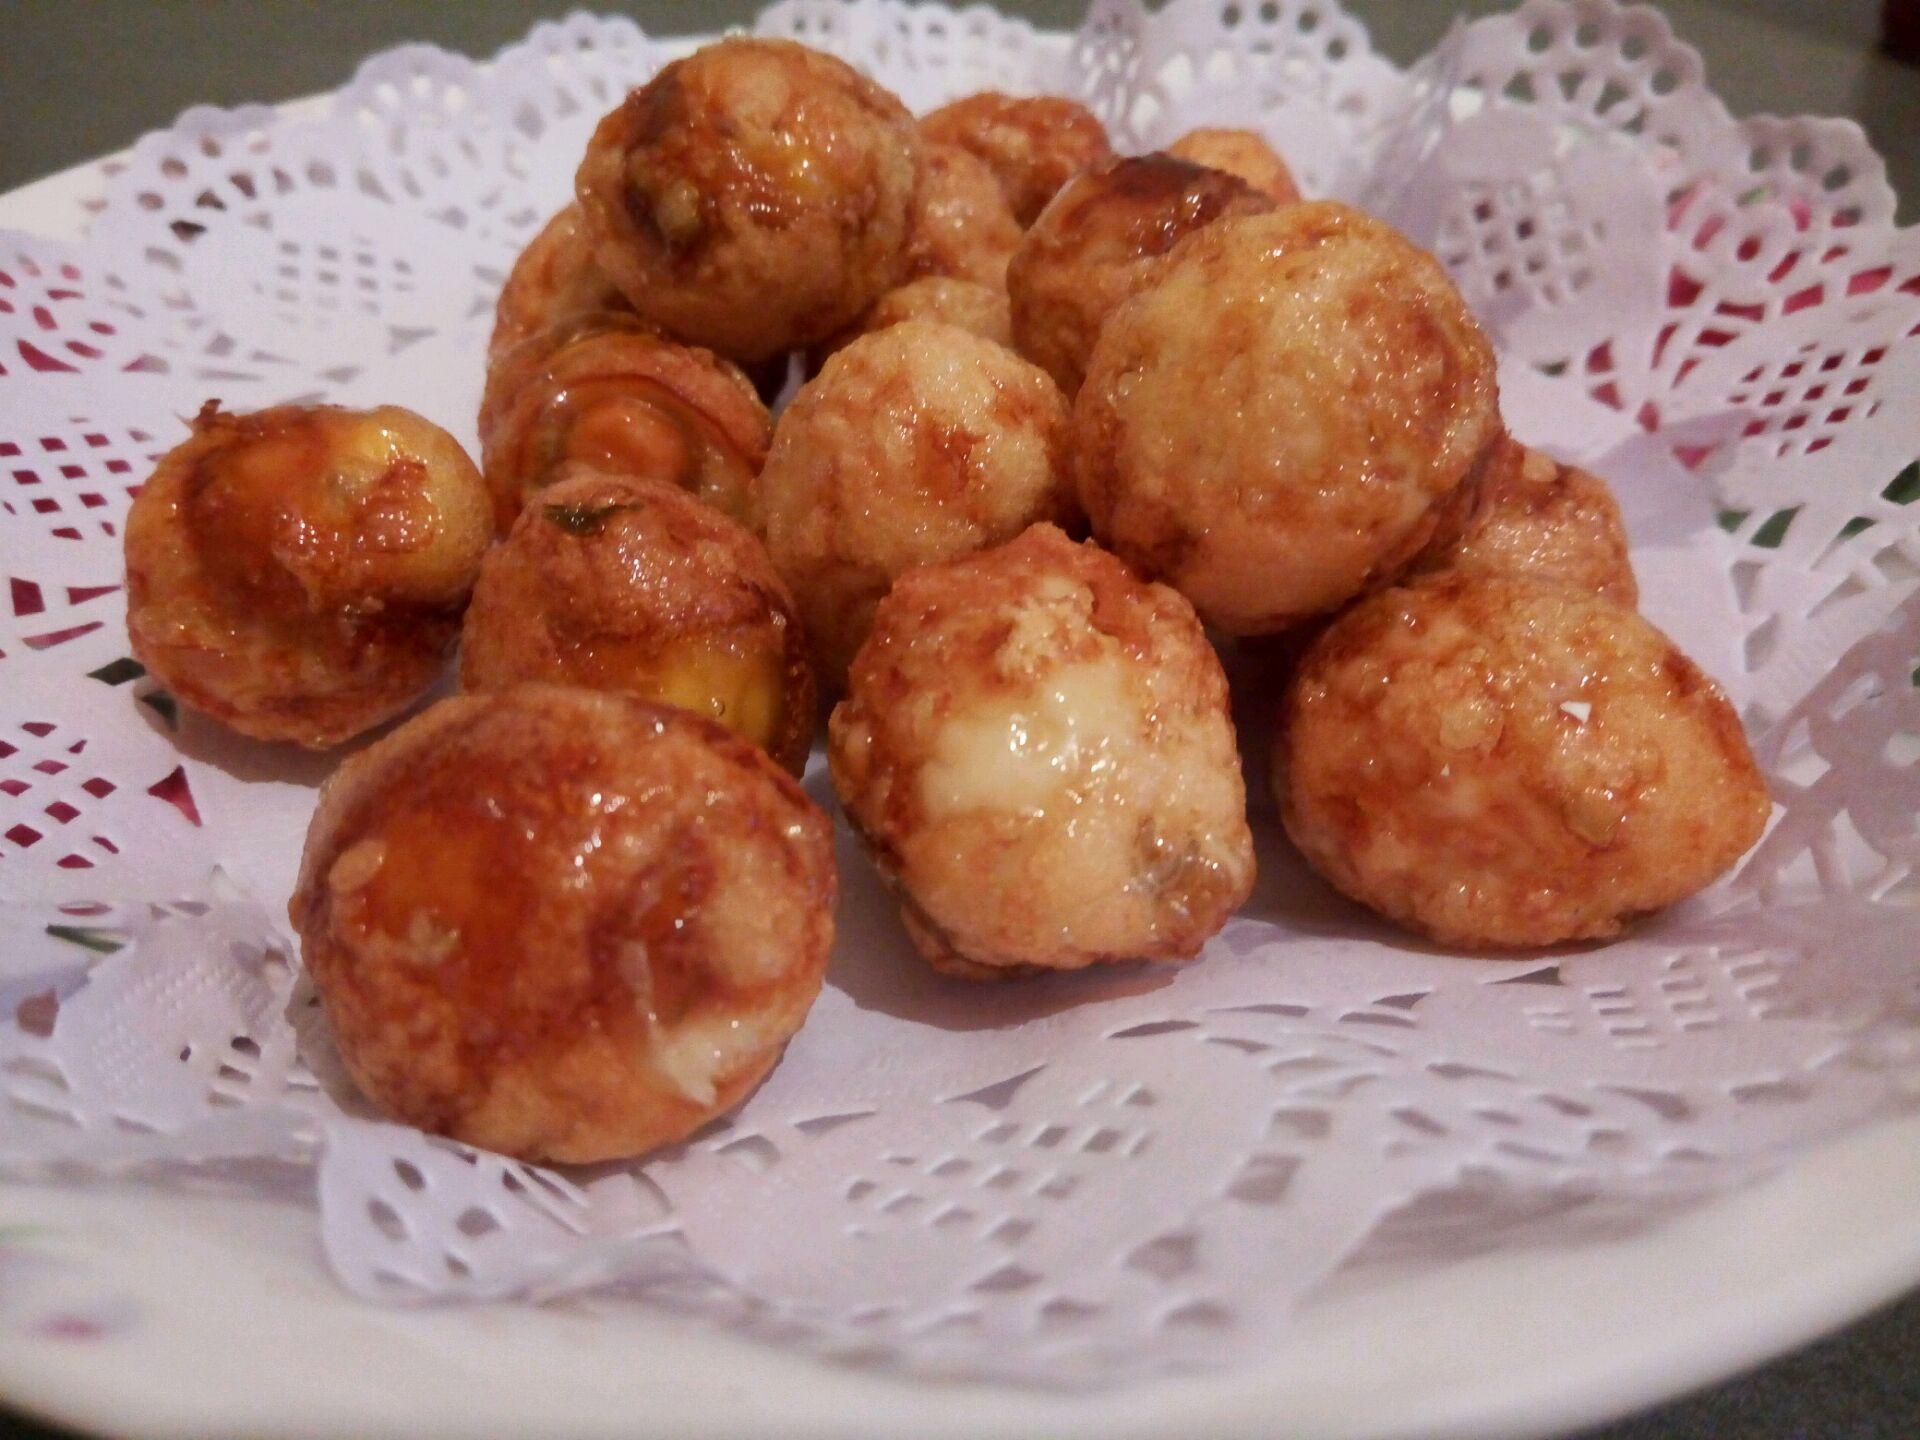 美食腊肉菜谱蛋#樱花虎皮#的味道_糖醋_豆果做法晾鹌鹑有小虫图片